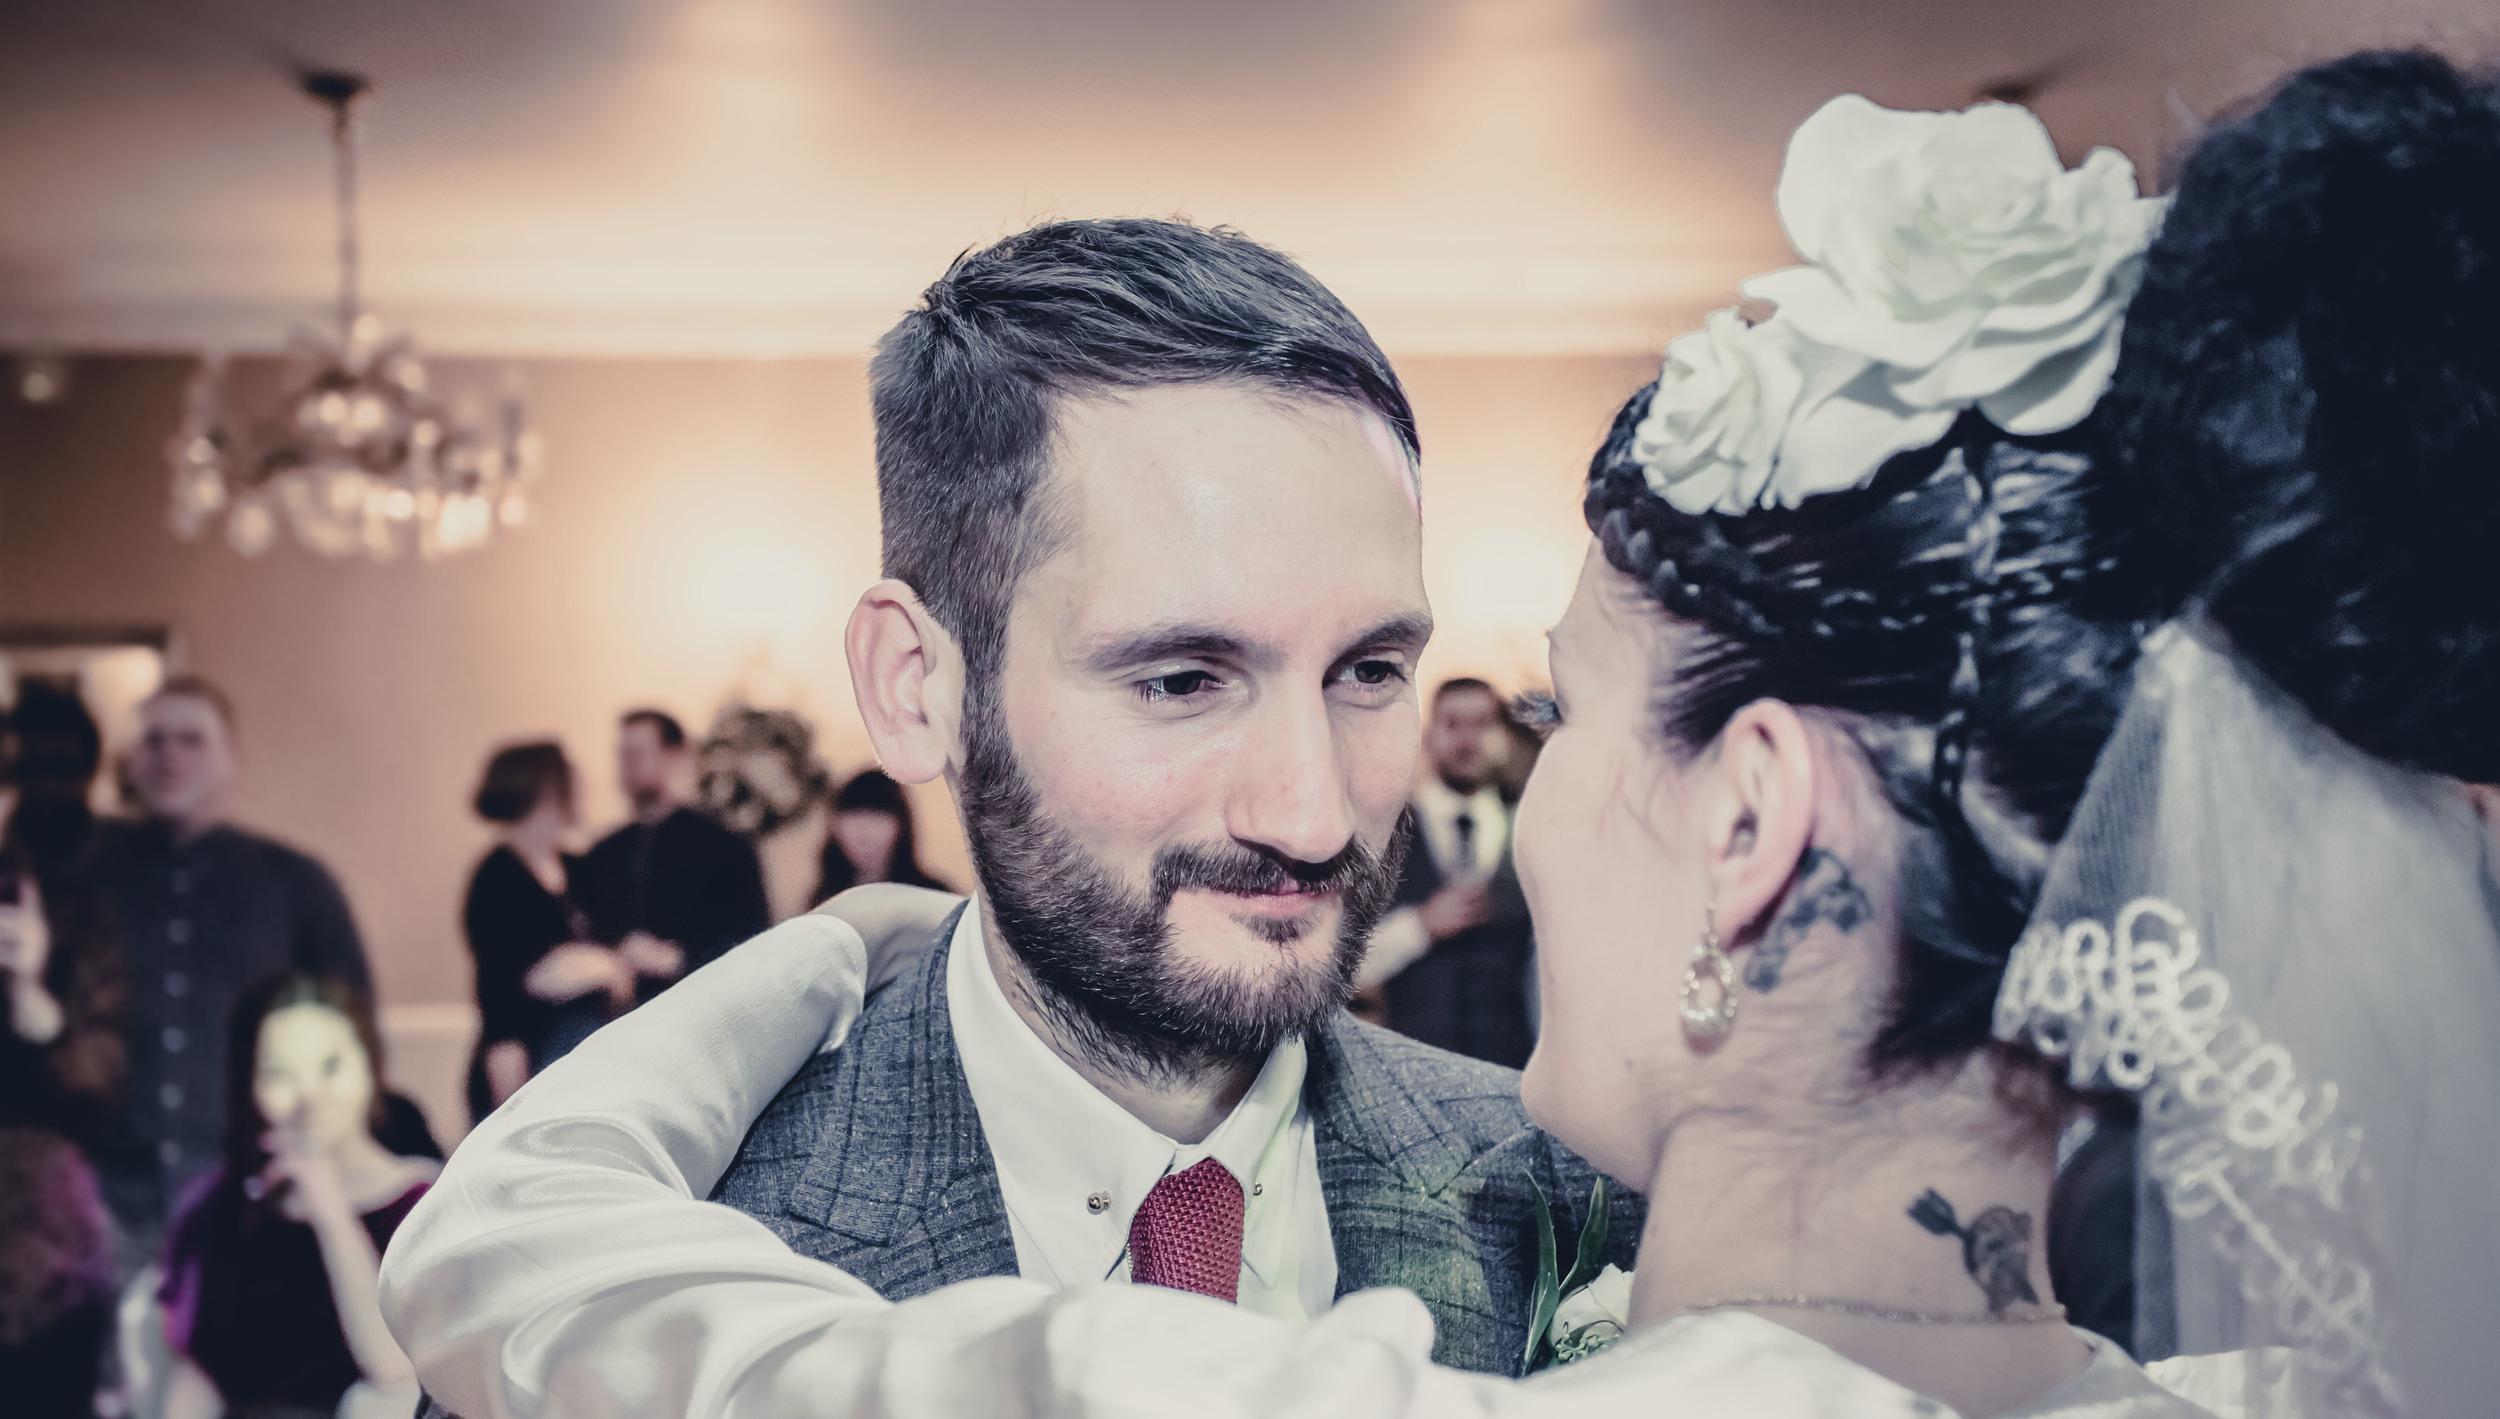 192 - Angela and Karls Wedding by www.markpugh.com -7278.jpg